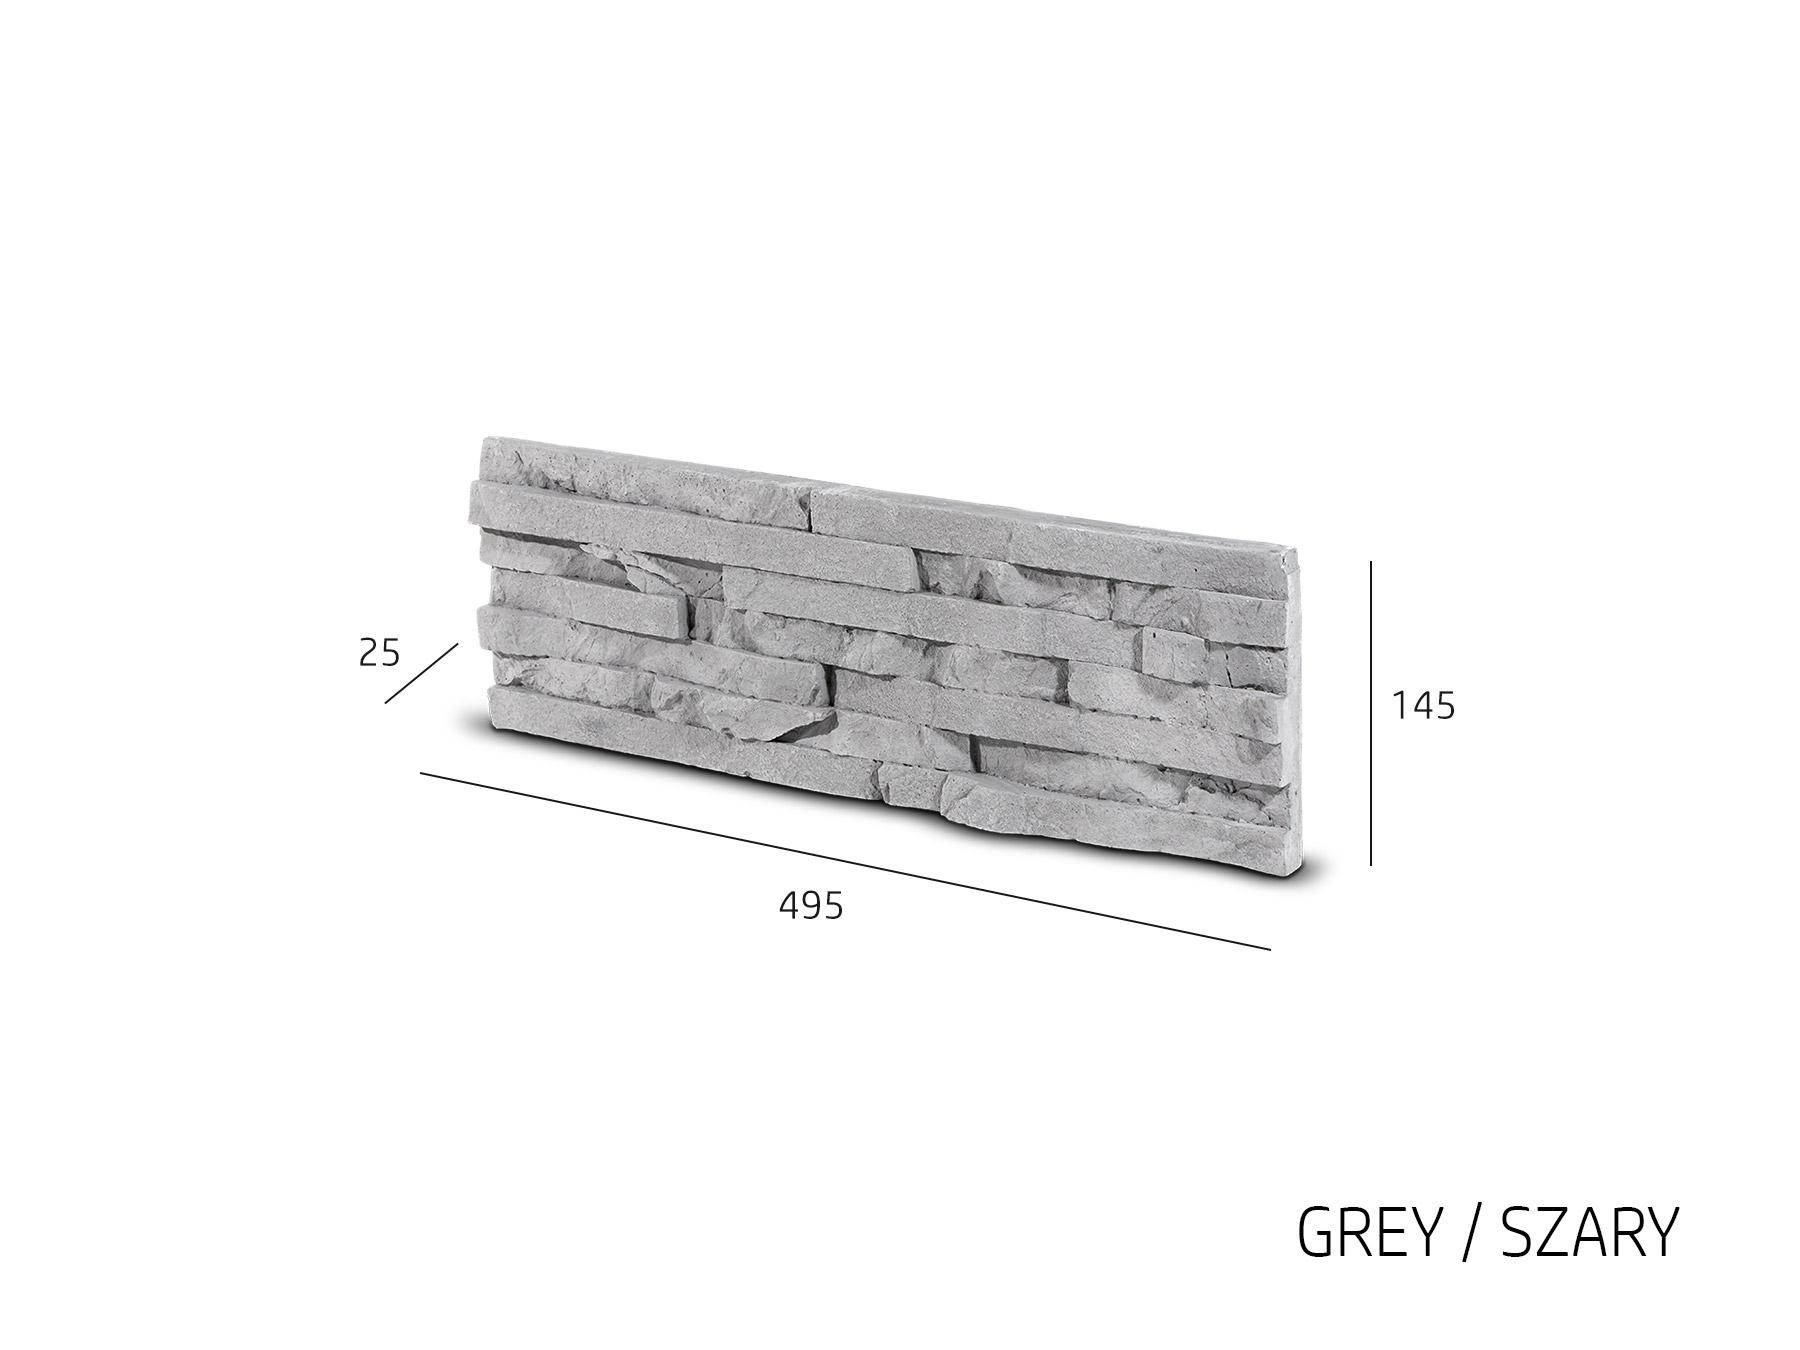 Obkladový kámen TEPIC šedá 495x145x25 mm Sádra balení 0,43m2